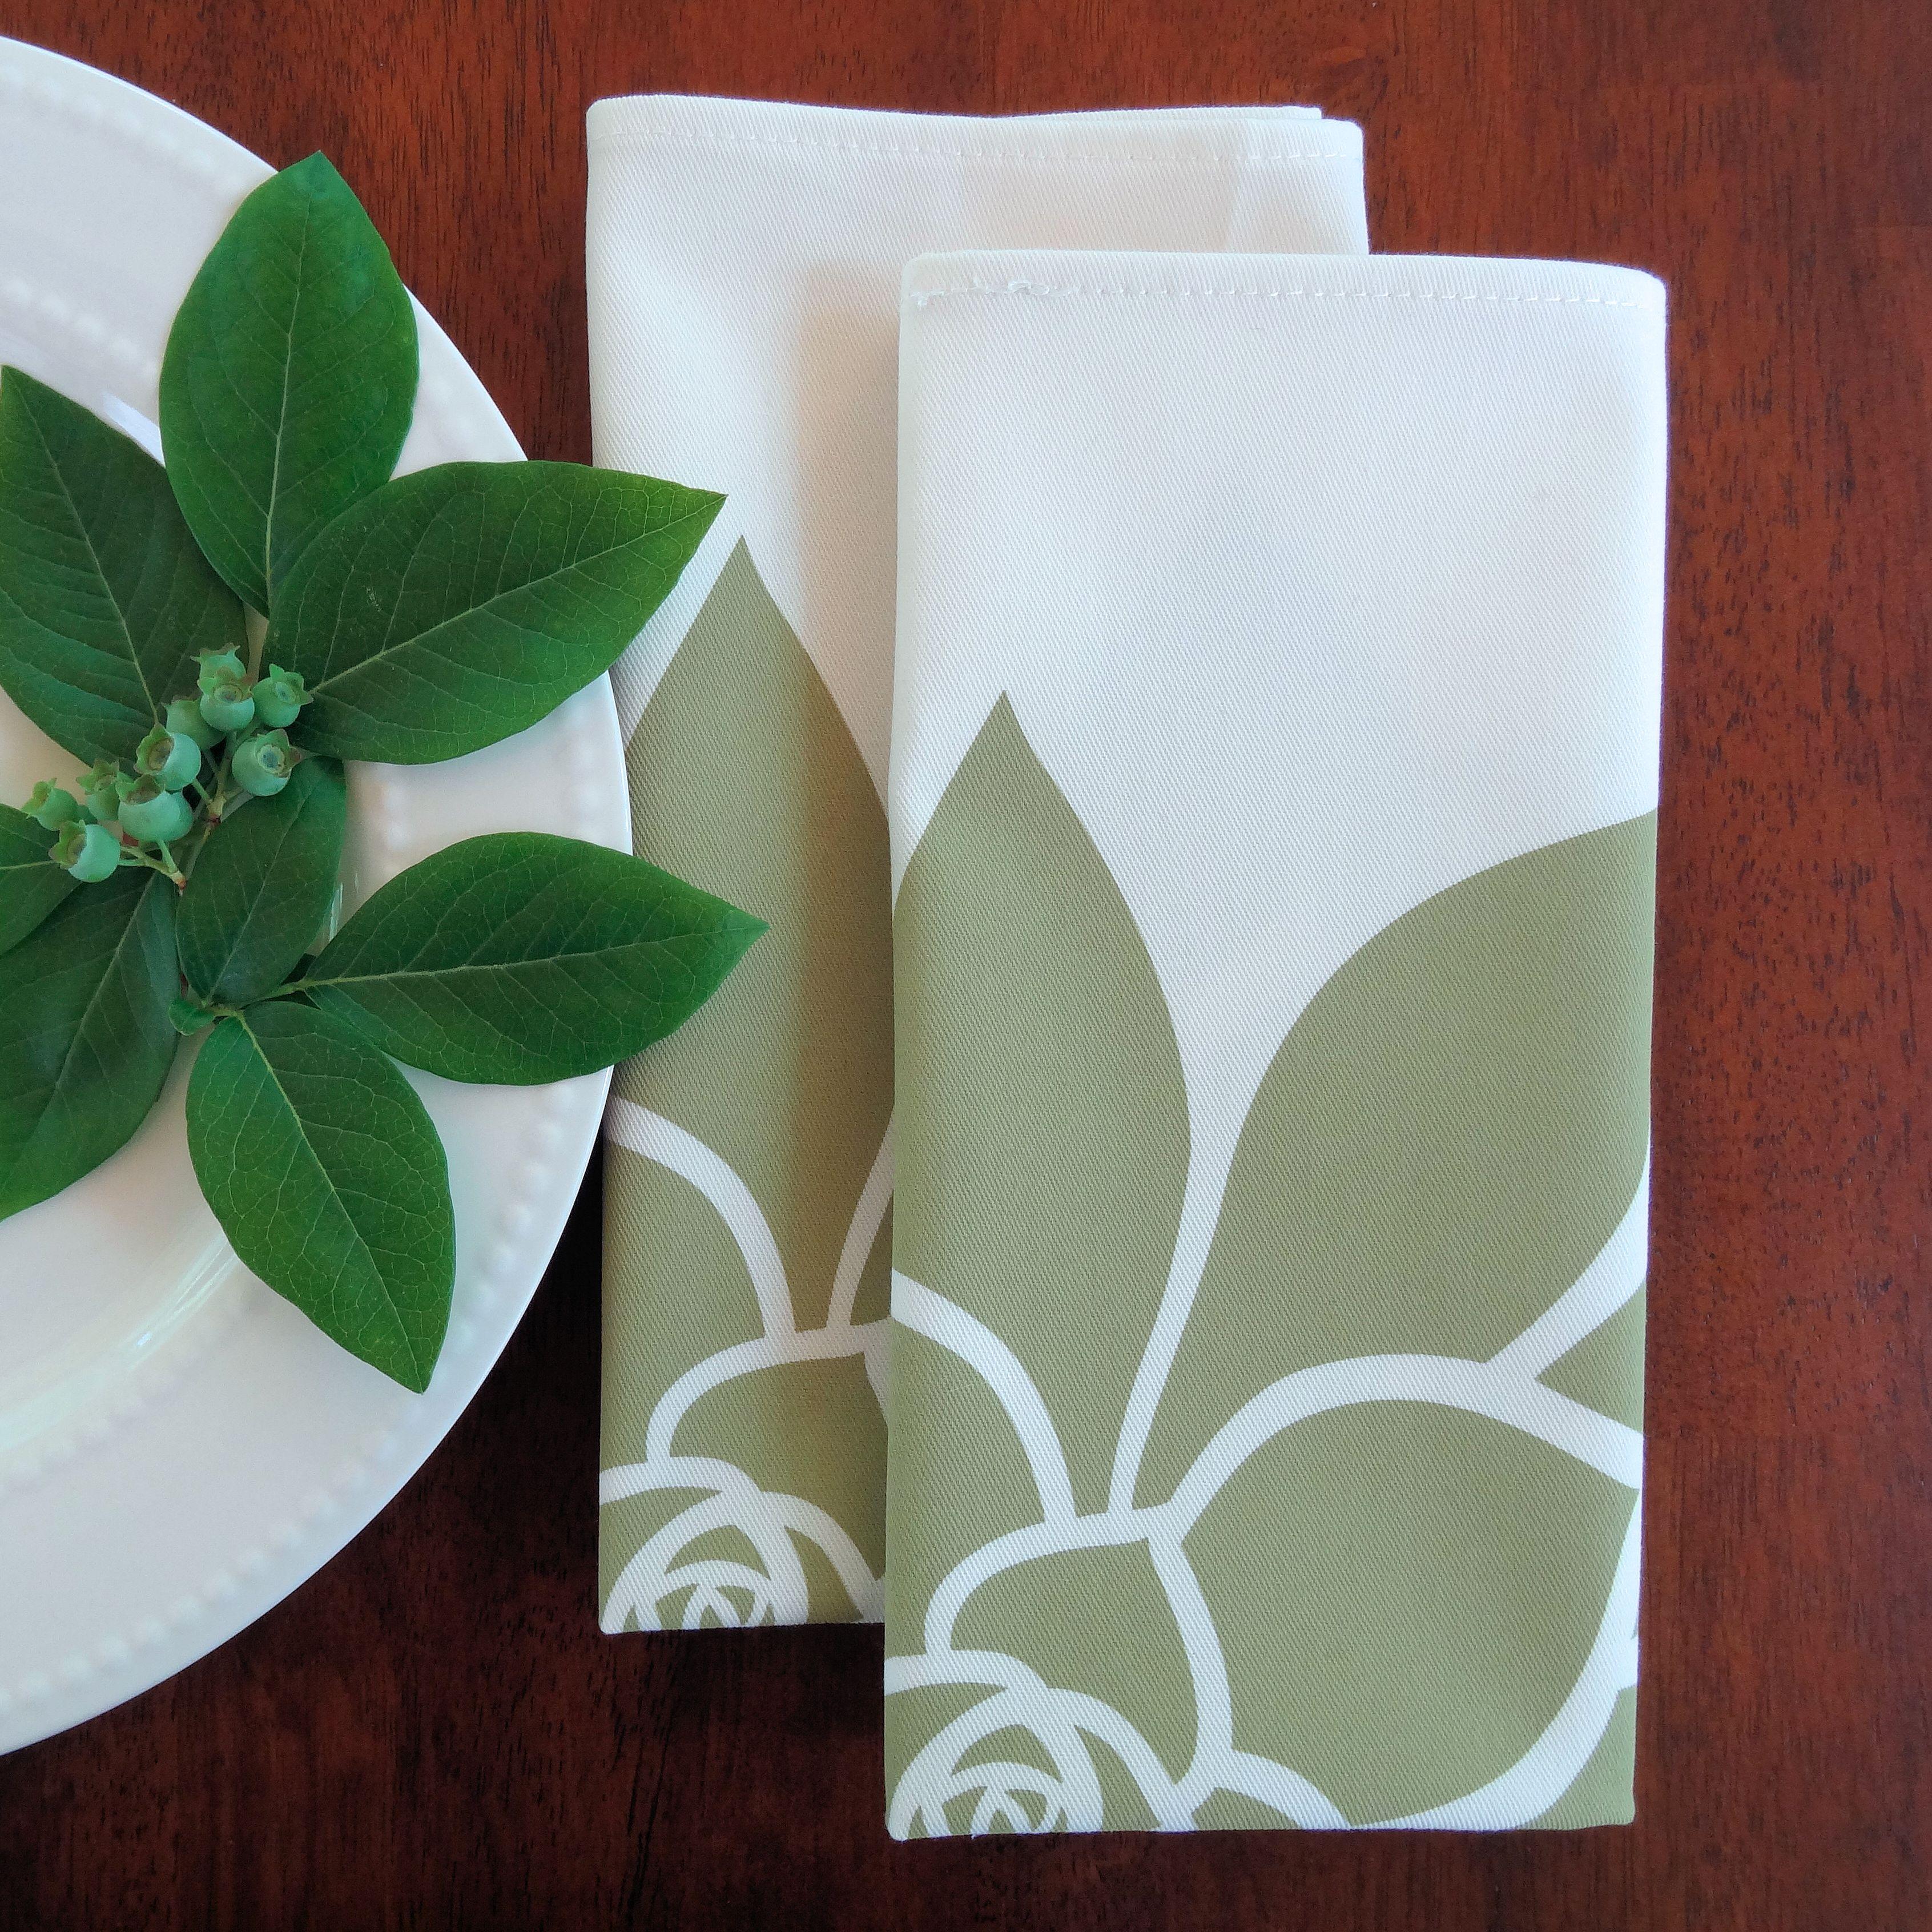 2 Green Floral Napkins